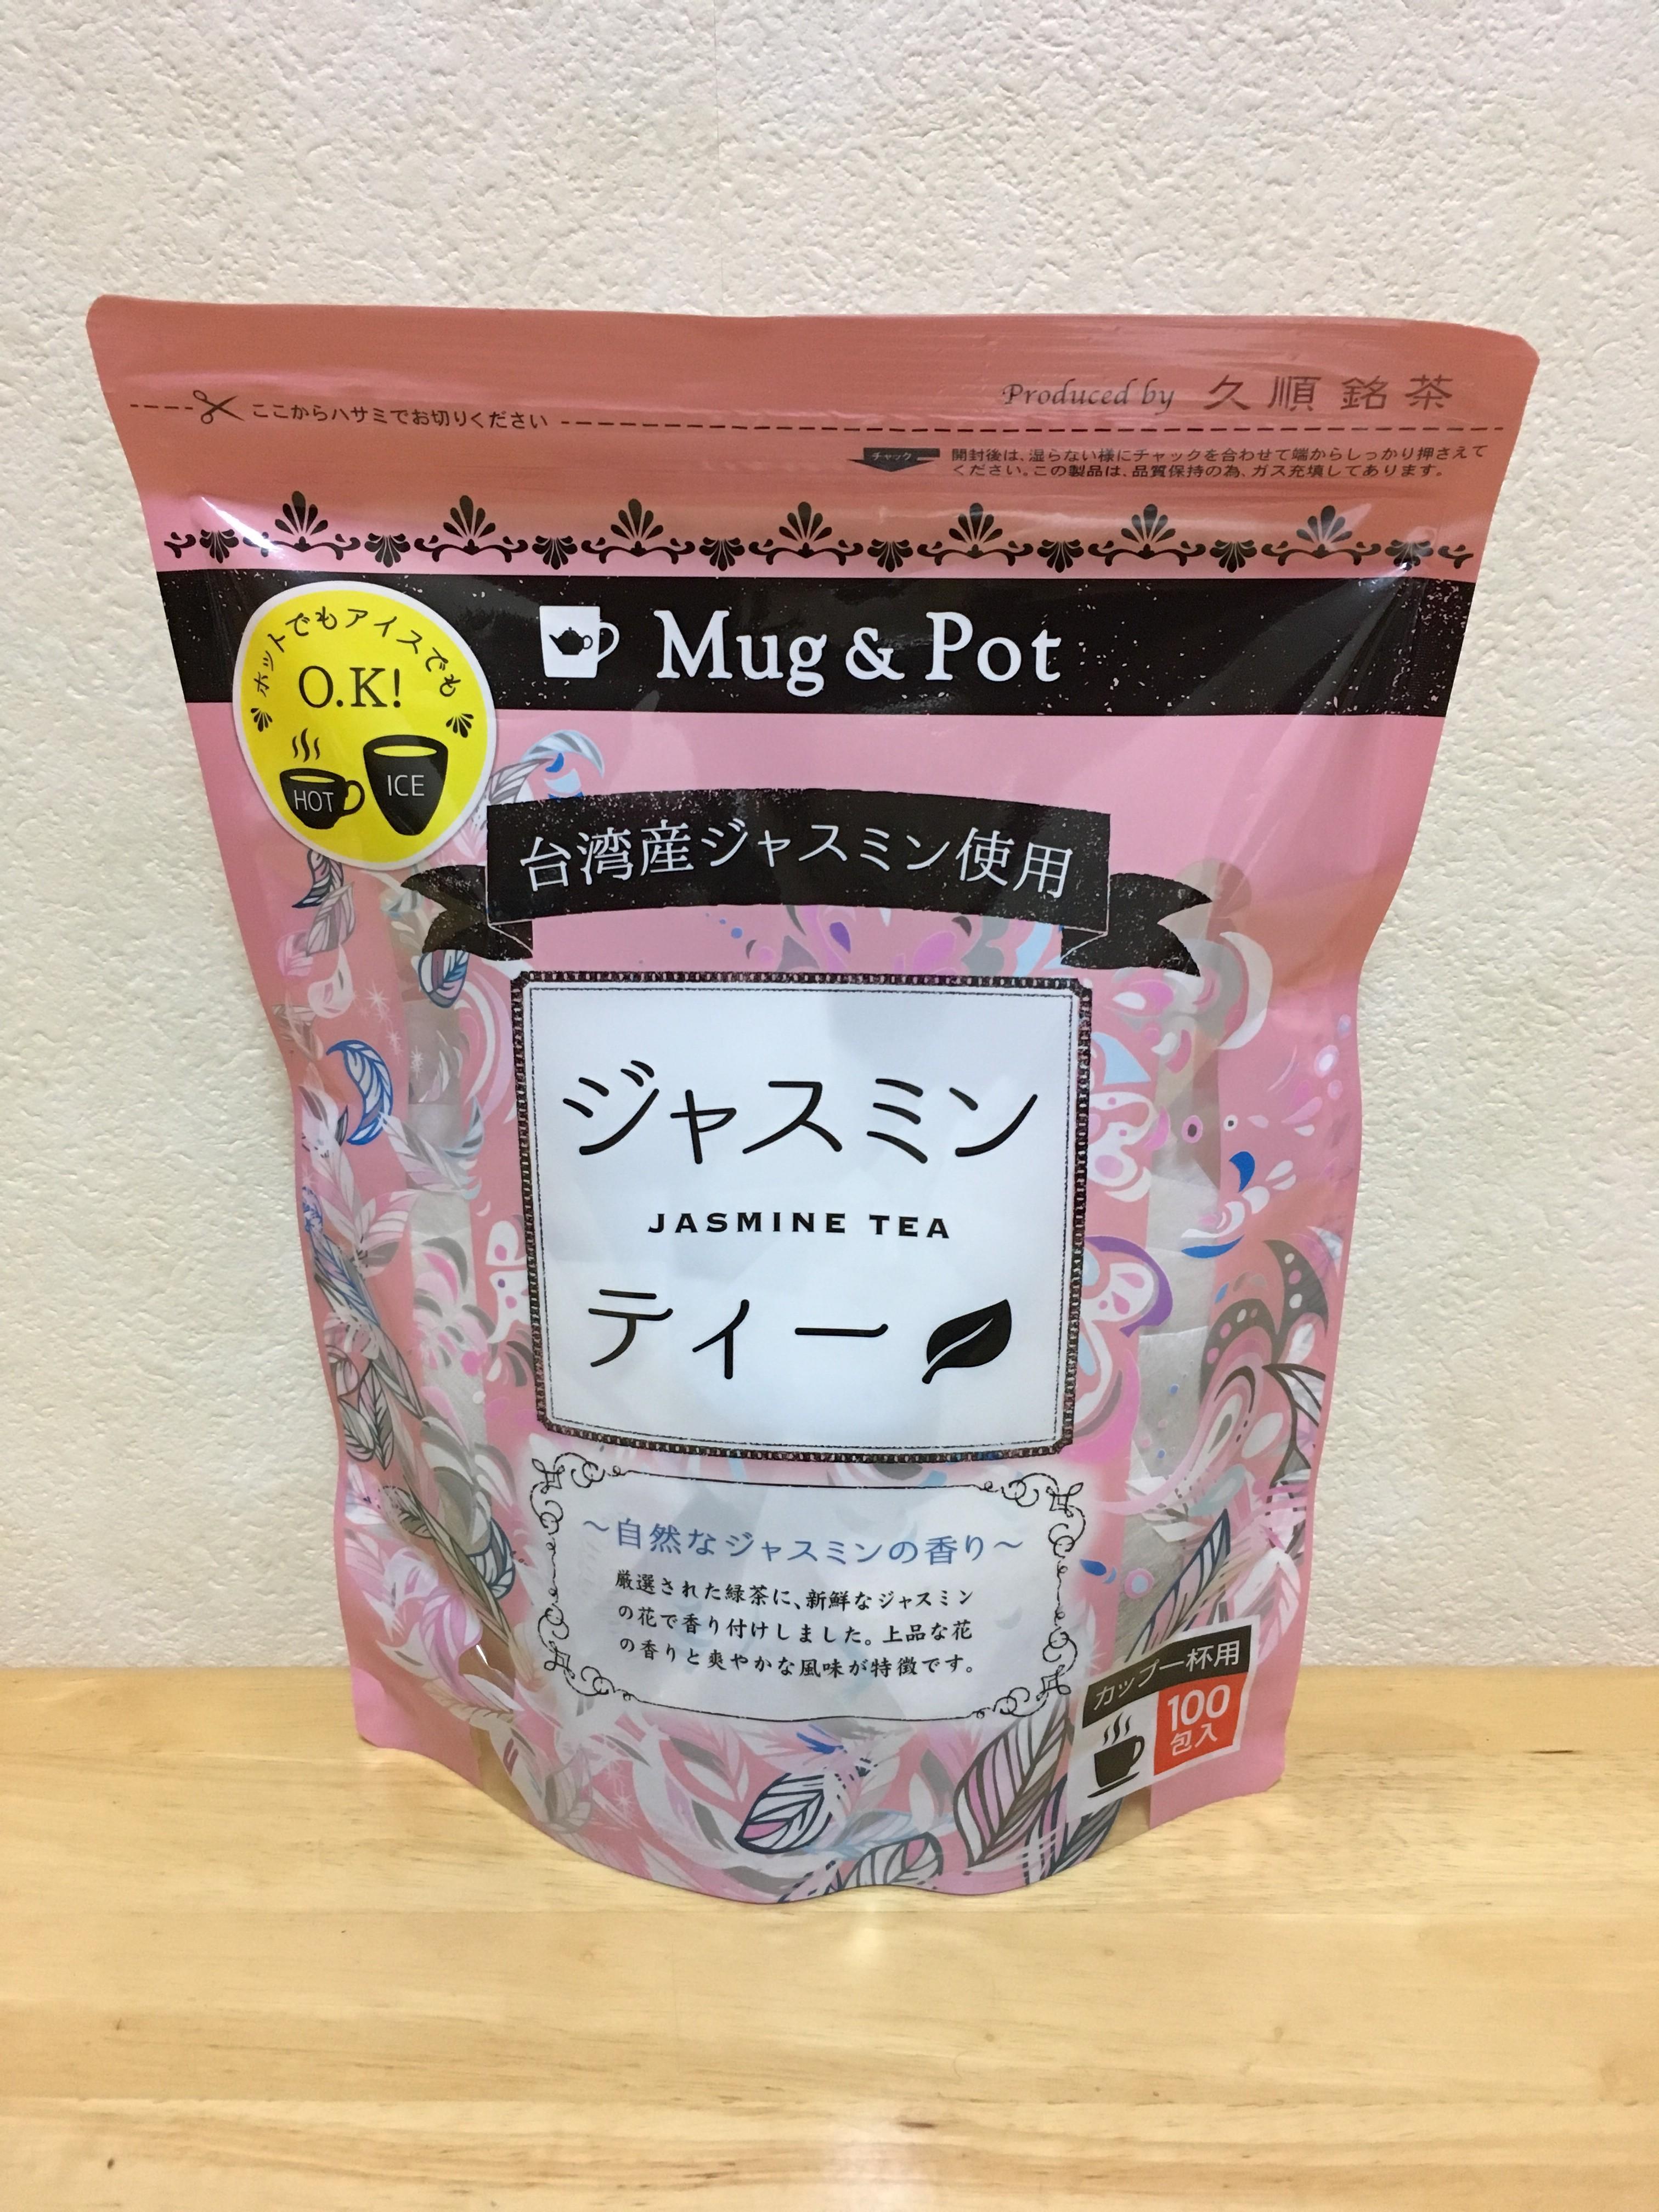 [2]が投稿した久順銘茶 Mug&Pot ジャスミンティーの写真